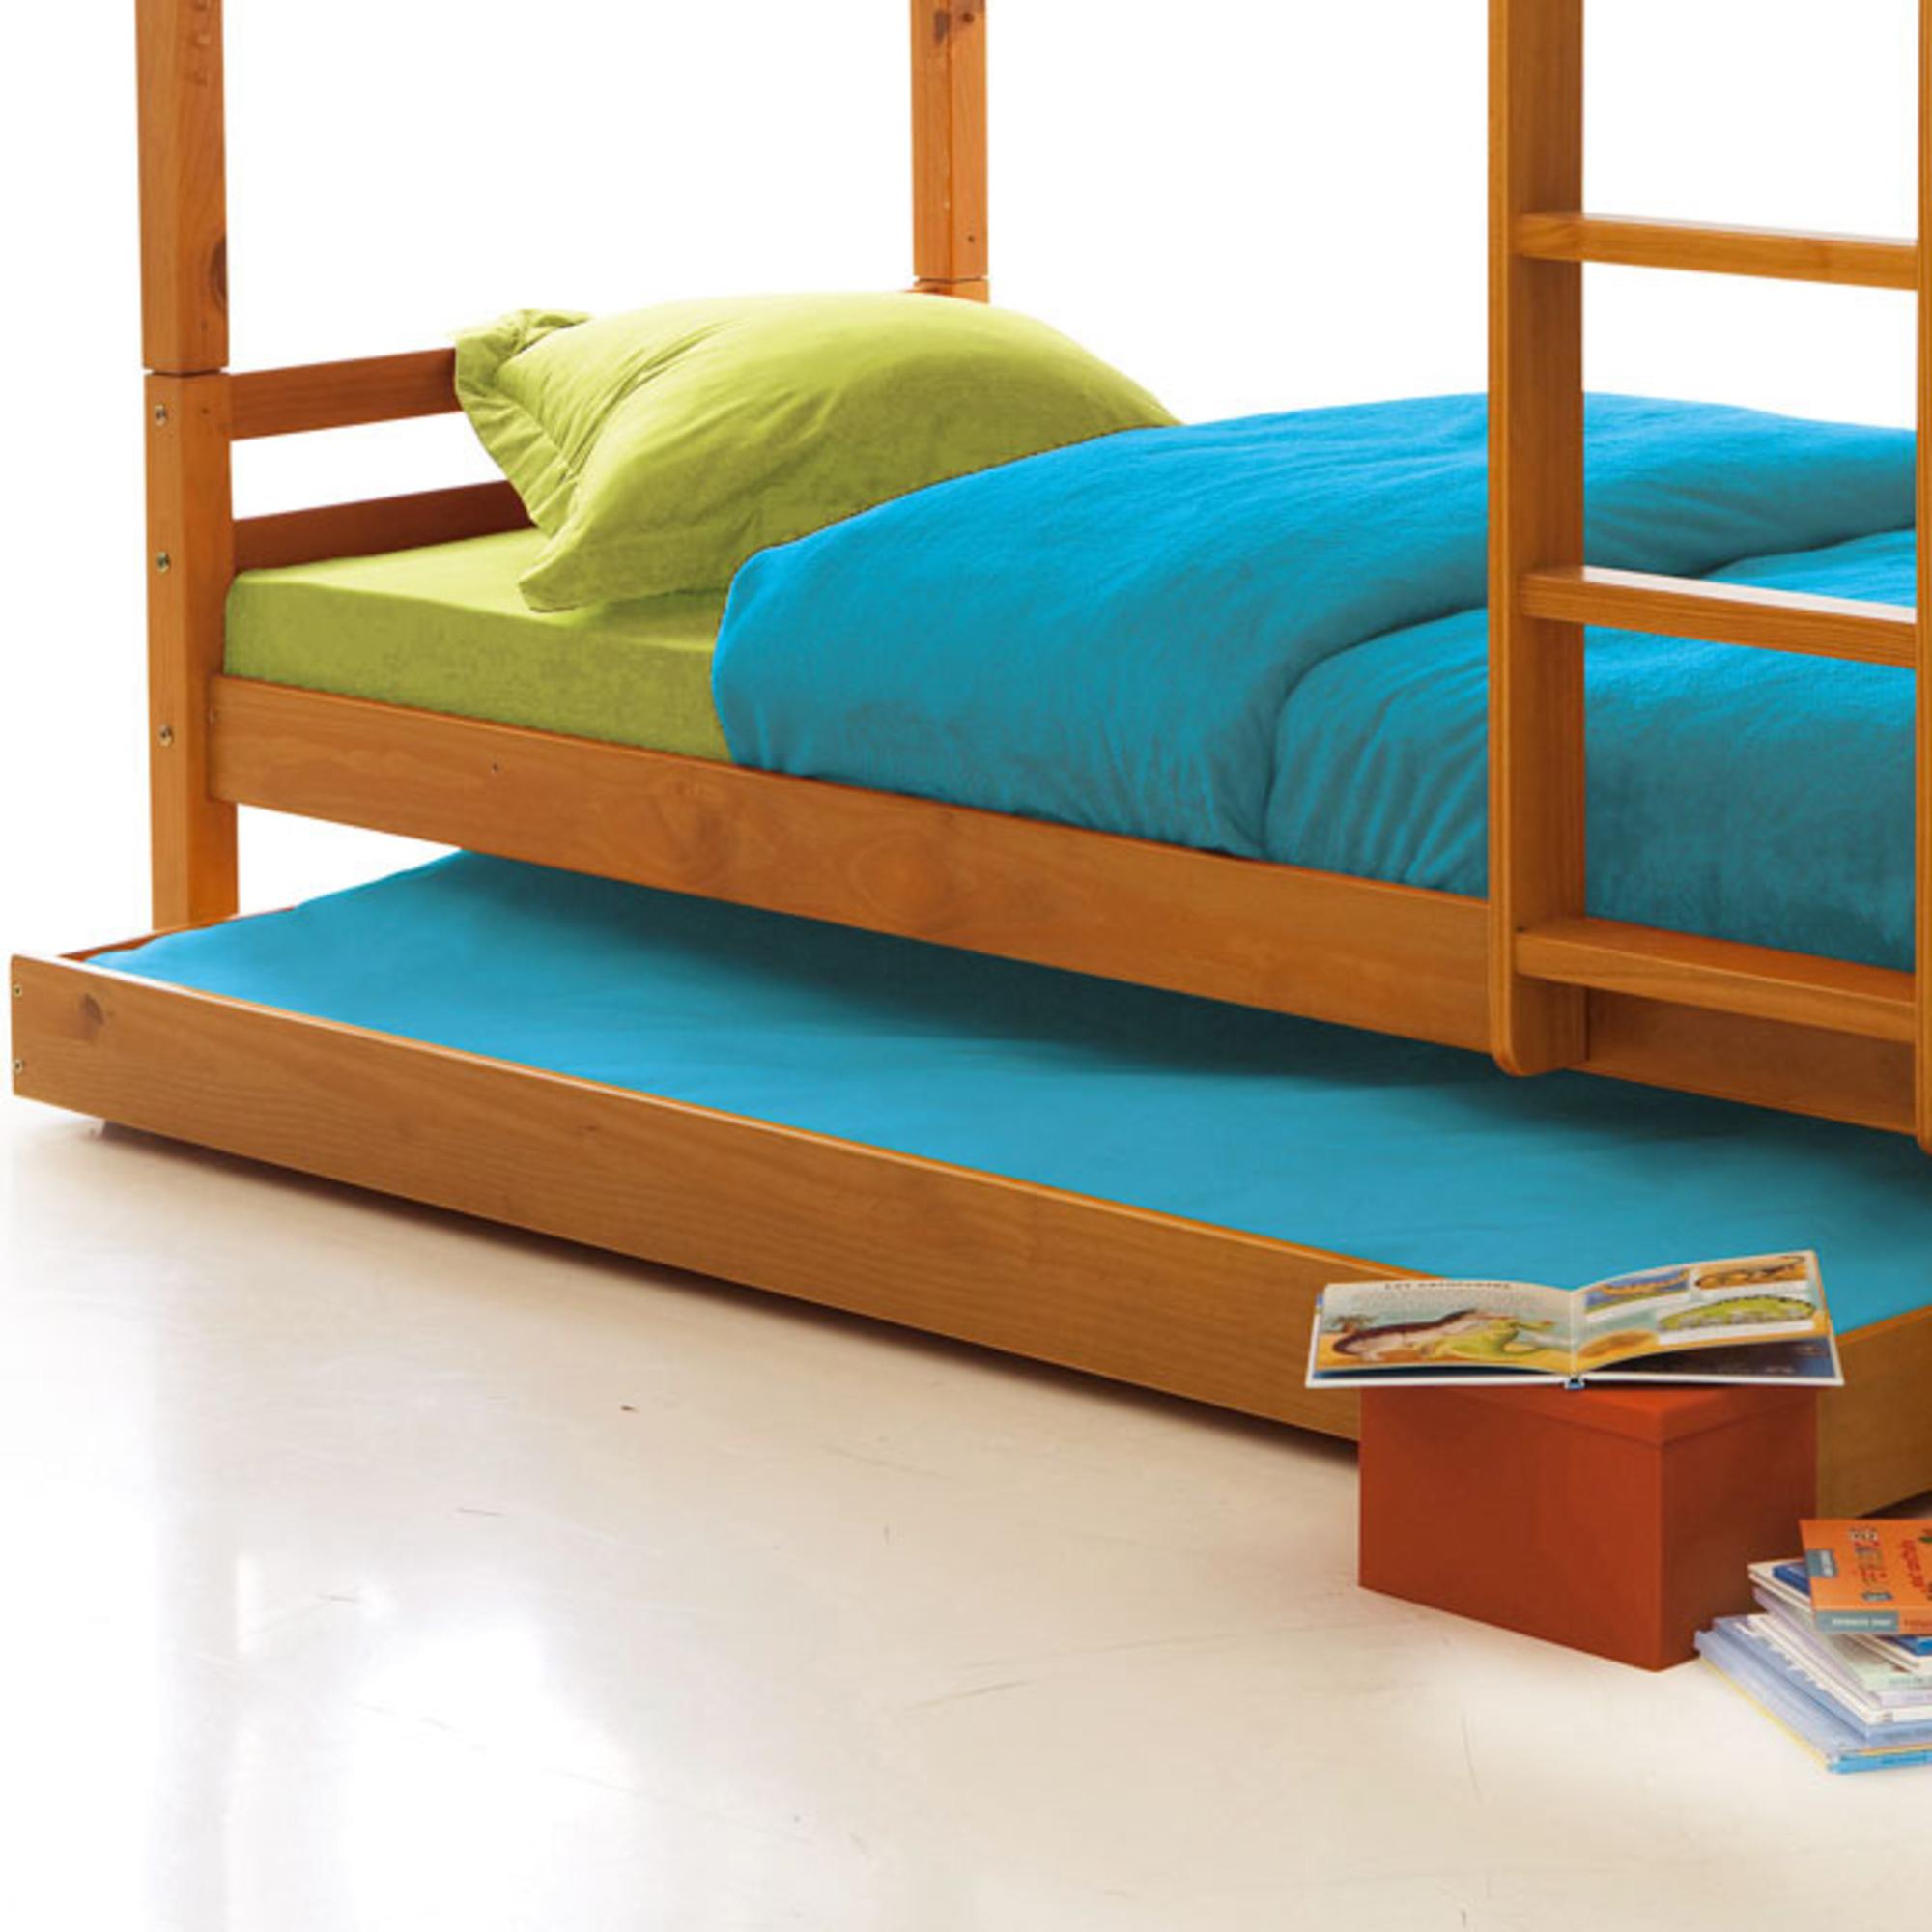 tiroir lit 90 x 180 cm benjamin miel frais de traitement de commande offerts acheter ce. Black Bedroom Furniture Sets. Home Design Ideas